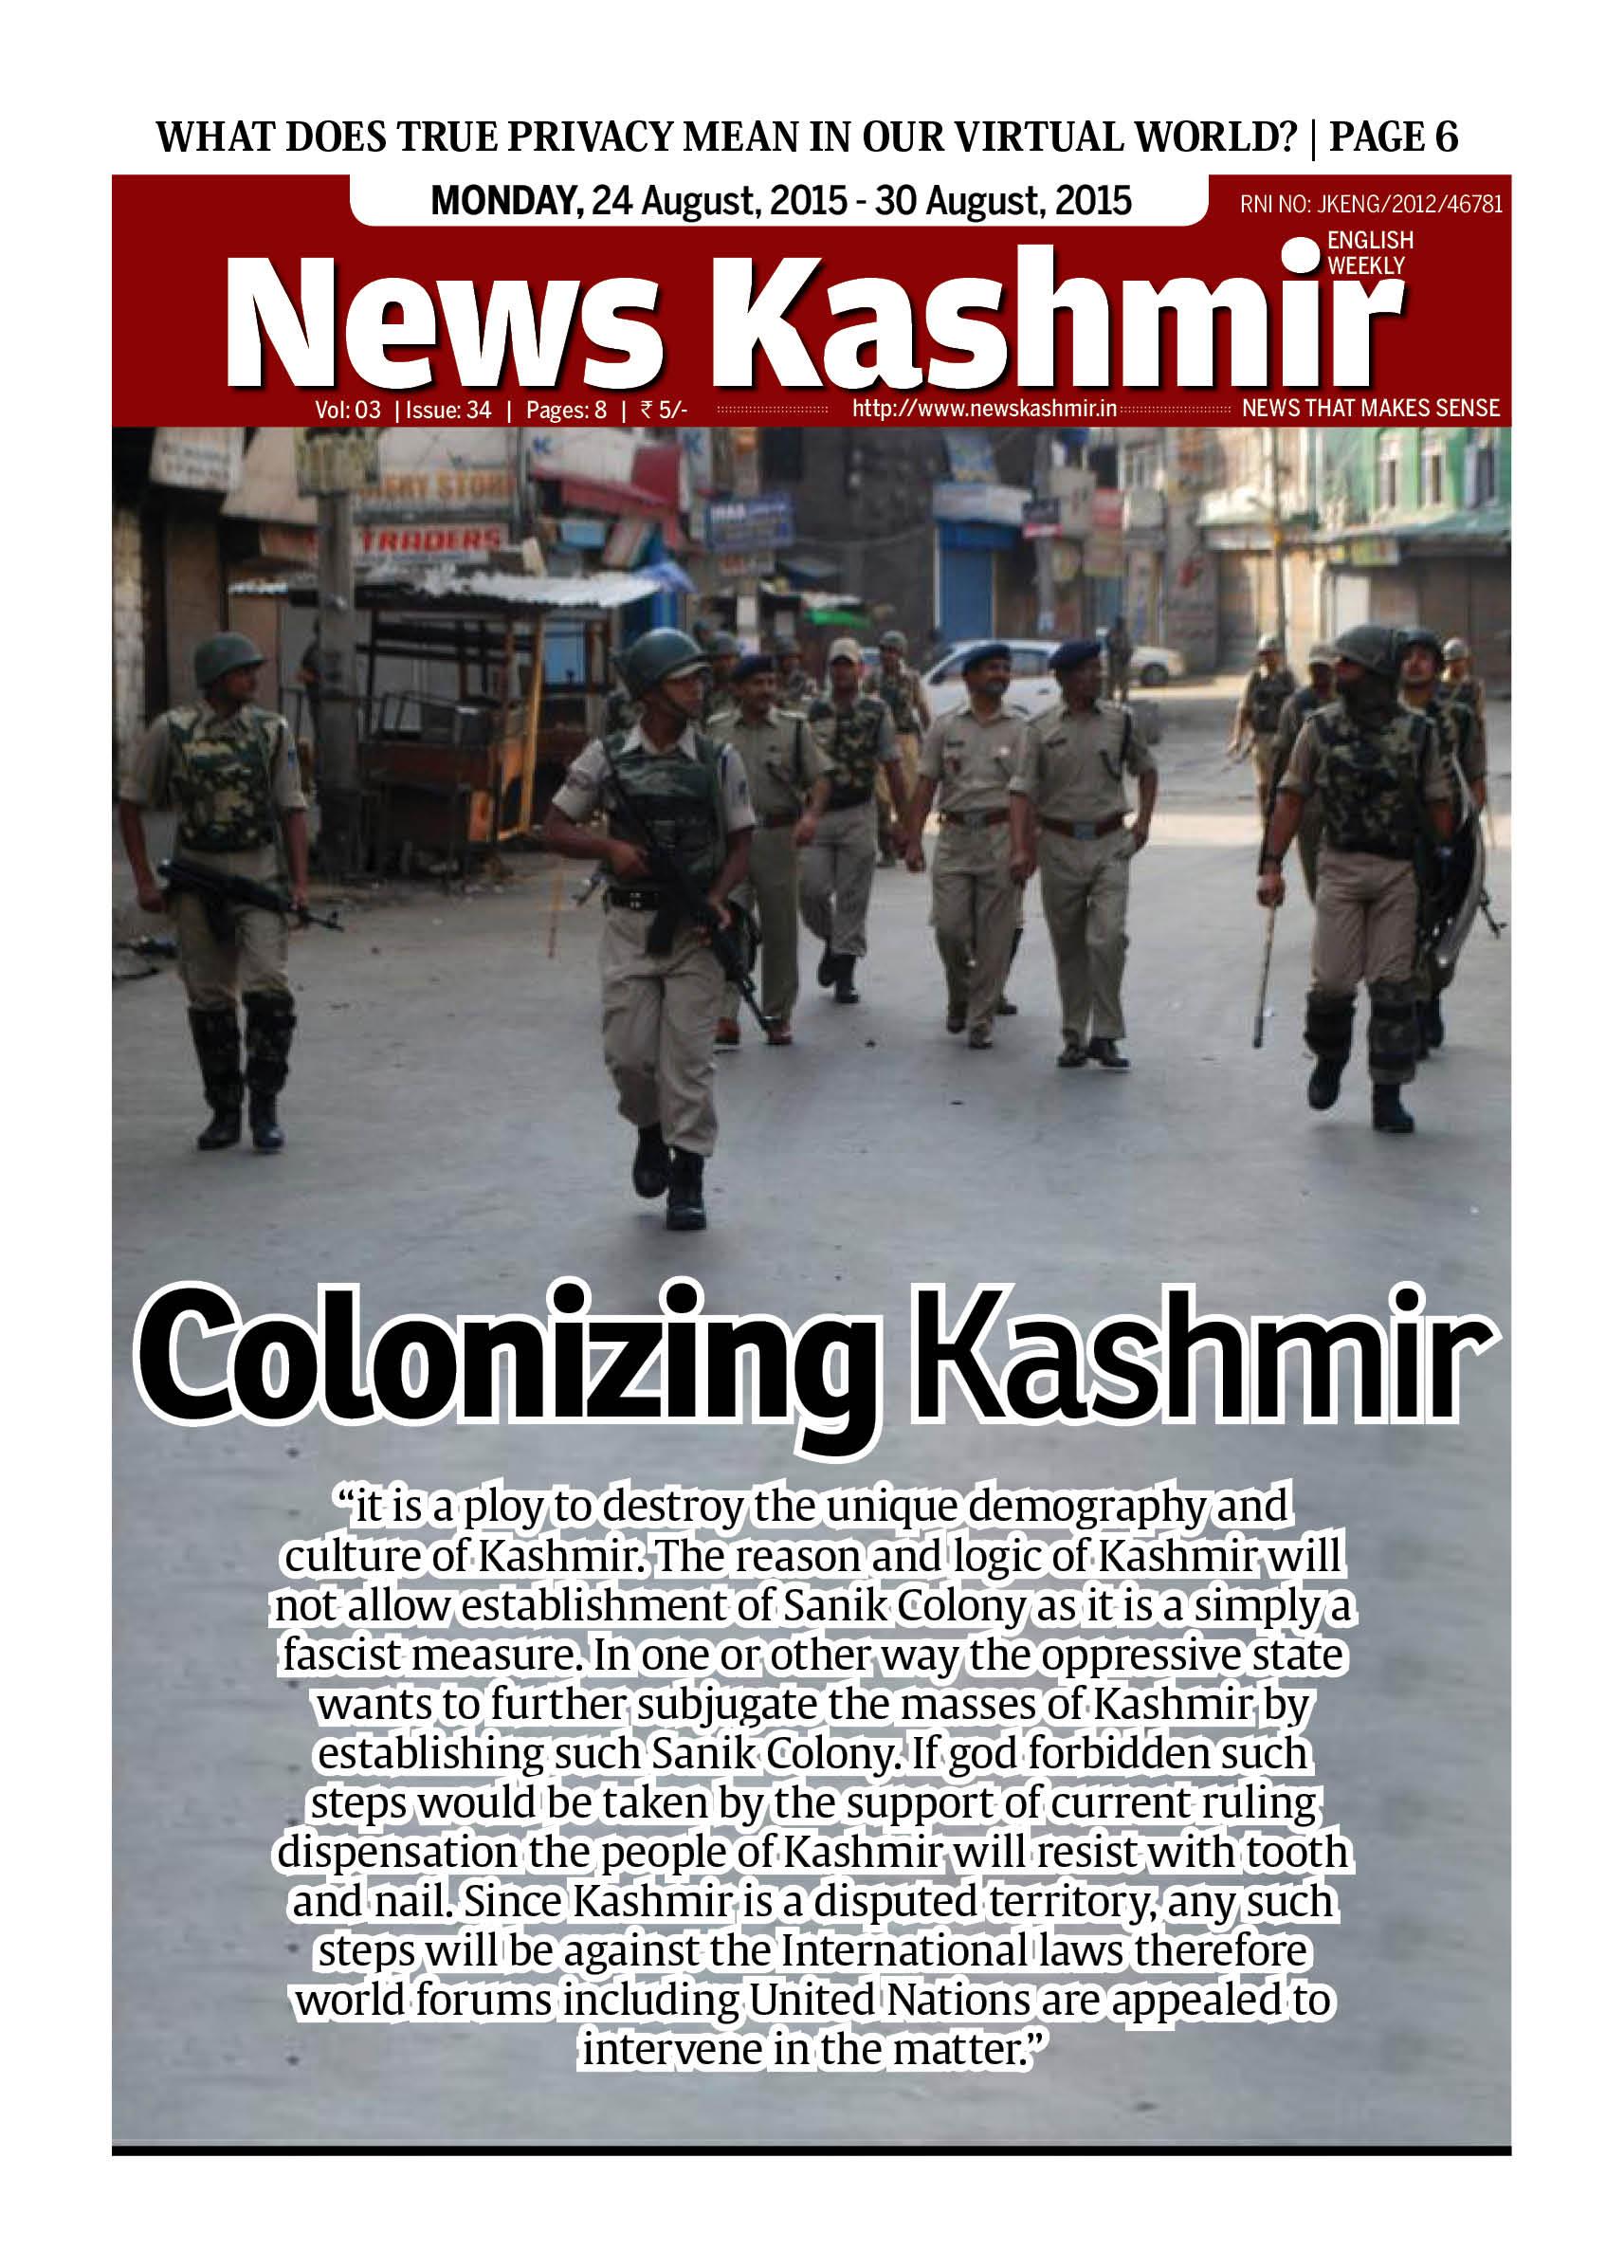 Colonizing Kashmir